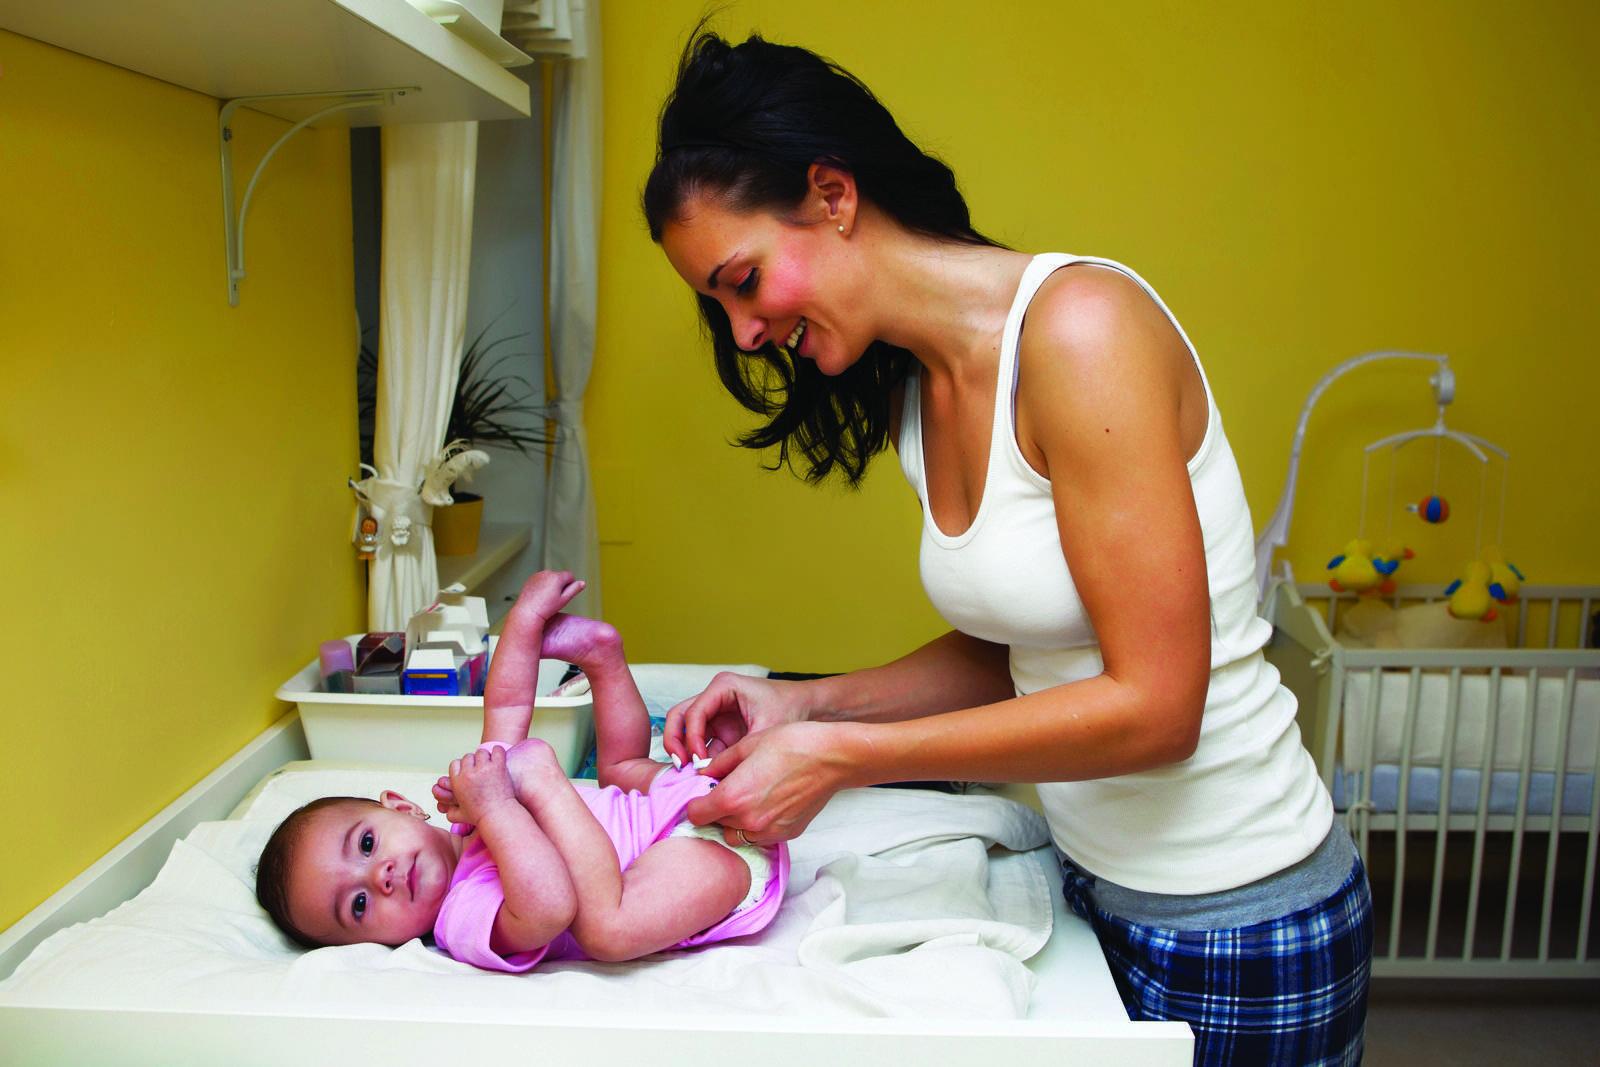 Первые дни после роддома: уход за малышом, первое купание, что делать с новорожденным, как обращаться после выписки